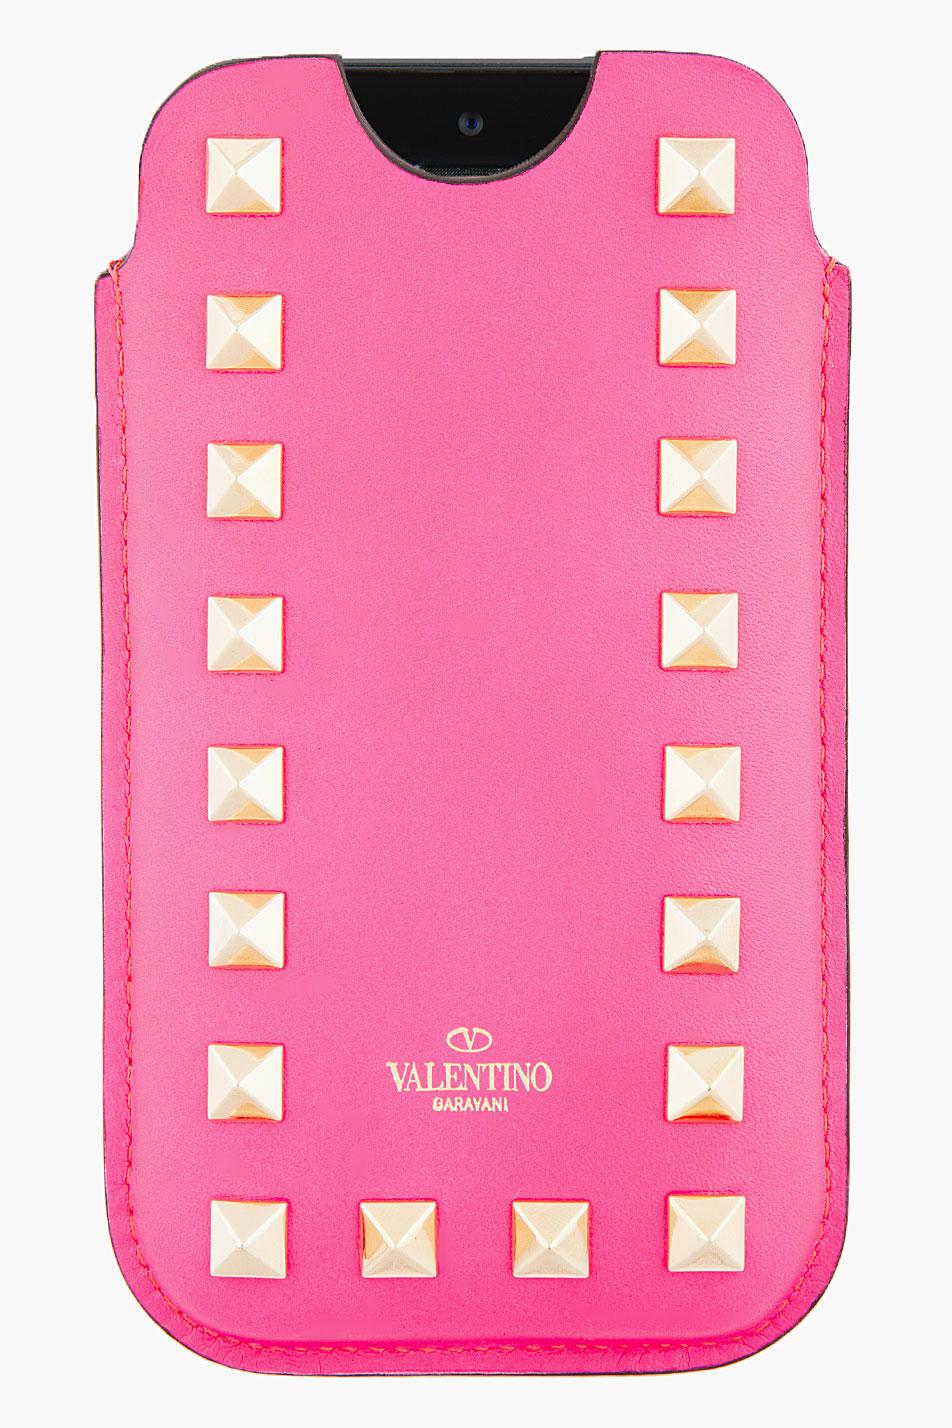 Valentino Iphone Cuero De La Mujer 5 / 5s / Se Caso El Tamaño Magenta Valentino ZLQVnTkea0